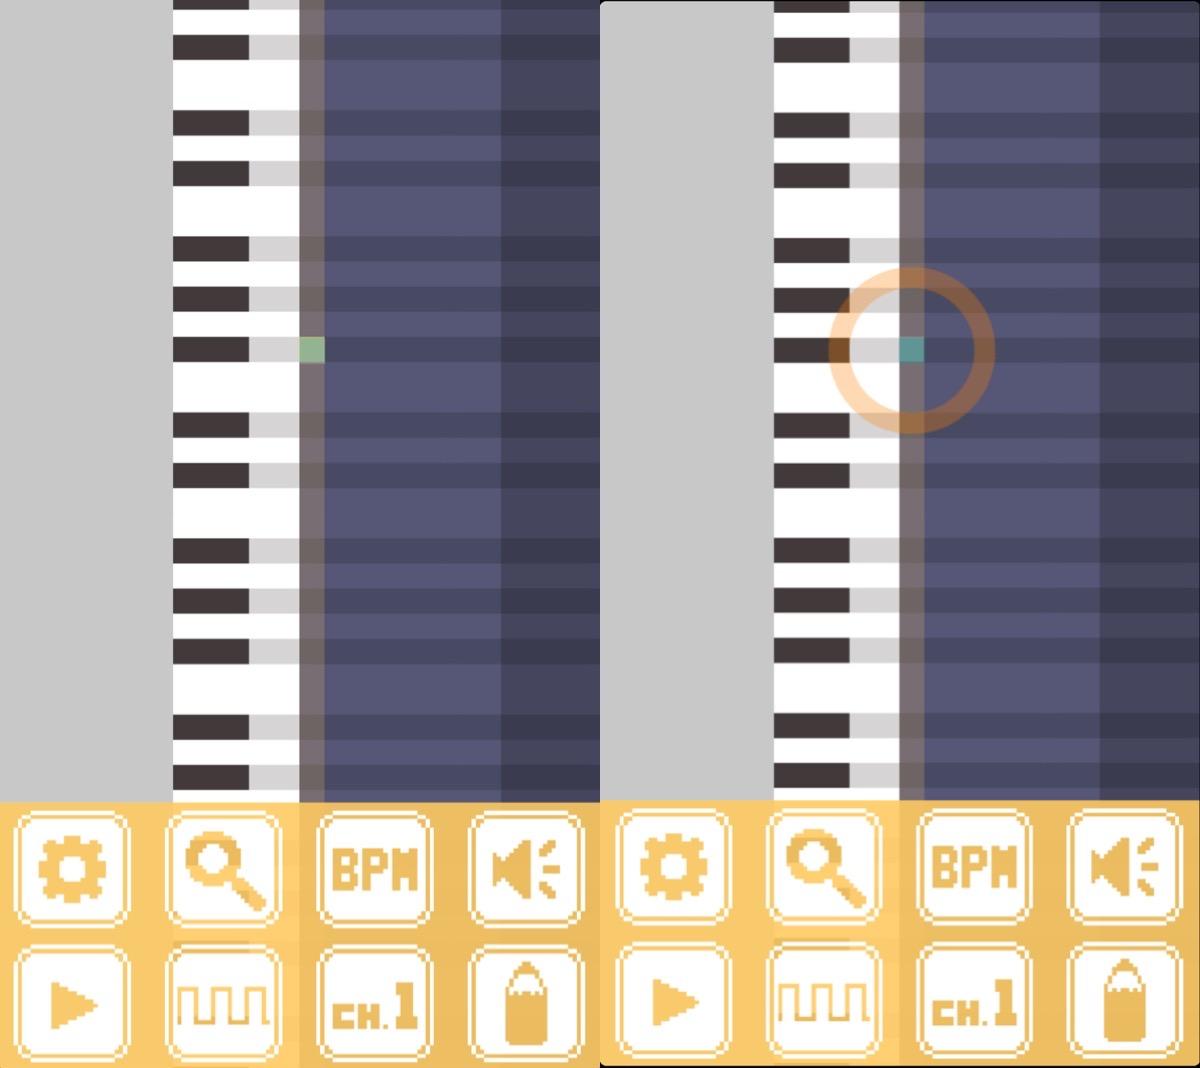 画像1: ファミコンっぽい音が作れちゃう!工夫次第で面白い曲作りができそうなアプリ。